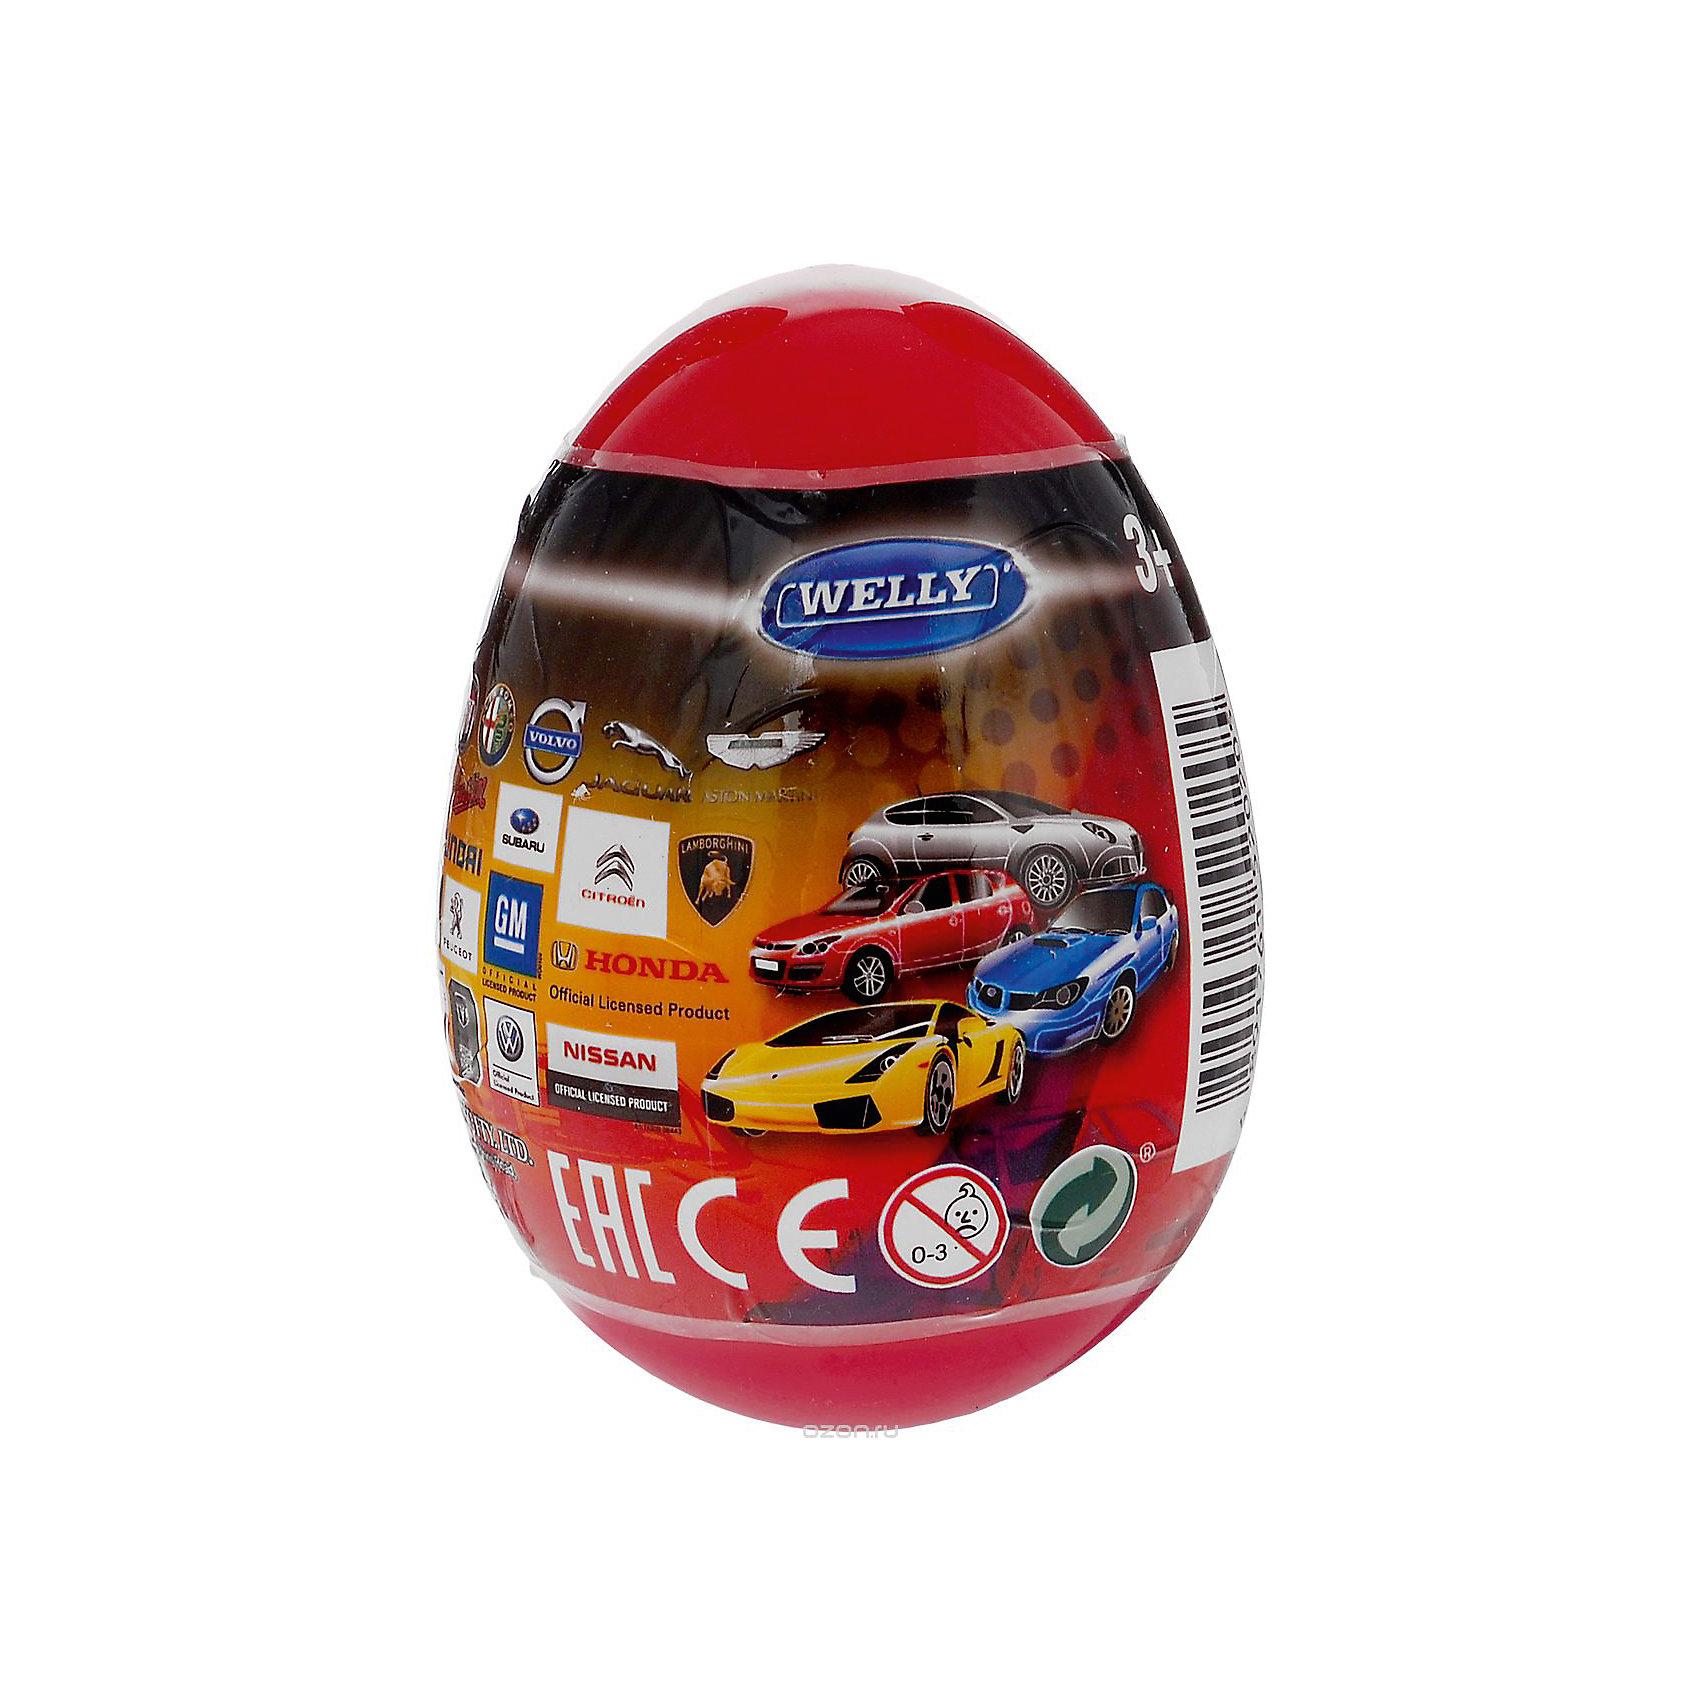 Модель машины 1:60 Яйцо-сюрприз, красная, WellyМашинки<br>Характеристики товара:<br><br>- цвет: разноцветный;<br>- материал: пластик, металл;<br>- размер упаковки: 6х9х6 см;<br>- вес: 50 г;<br>- длина машинки: 8 см.. <br><br>Машинки от бренда Welly в закрытом яйце - отличный сюрприз для мальчика! Каждая машинка - копия настоящей, игрушка очень качественно выполнена, отлично детализирована, поэтому она станет желанным подарком для ребенка. Такое изделие отлично тренирует у ребенка разные навыки: играя с ней, малыш развивает мелкую моторику, цветовосприятие, внимание, воображение и творческое мышление.<br>Продается машинка в закрытом яйце - узнать, какая именно внутри, нельзя. Из этих фигурок можно собрать целую коллекцию! Изделие произведено из высококачественного материала, безопасного для детей.<br><br>Модель машины 1:60 Яйцо-сюрприз, красную, от бренда Welly можно купить в нашем интернет-магазине.<br><br>Ширина мм: 60<br>Глубина мм: 90<br>Высота мм: 60<br>Вес г: 82<br>Возраст от месяцев: 36<br>Возраст до месяцев: 2147483647<br>Пол: Мужской<br>Возраст: Детский<br>SKU: 5109443